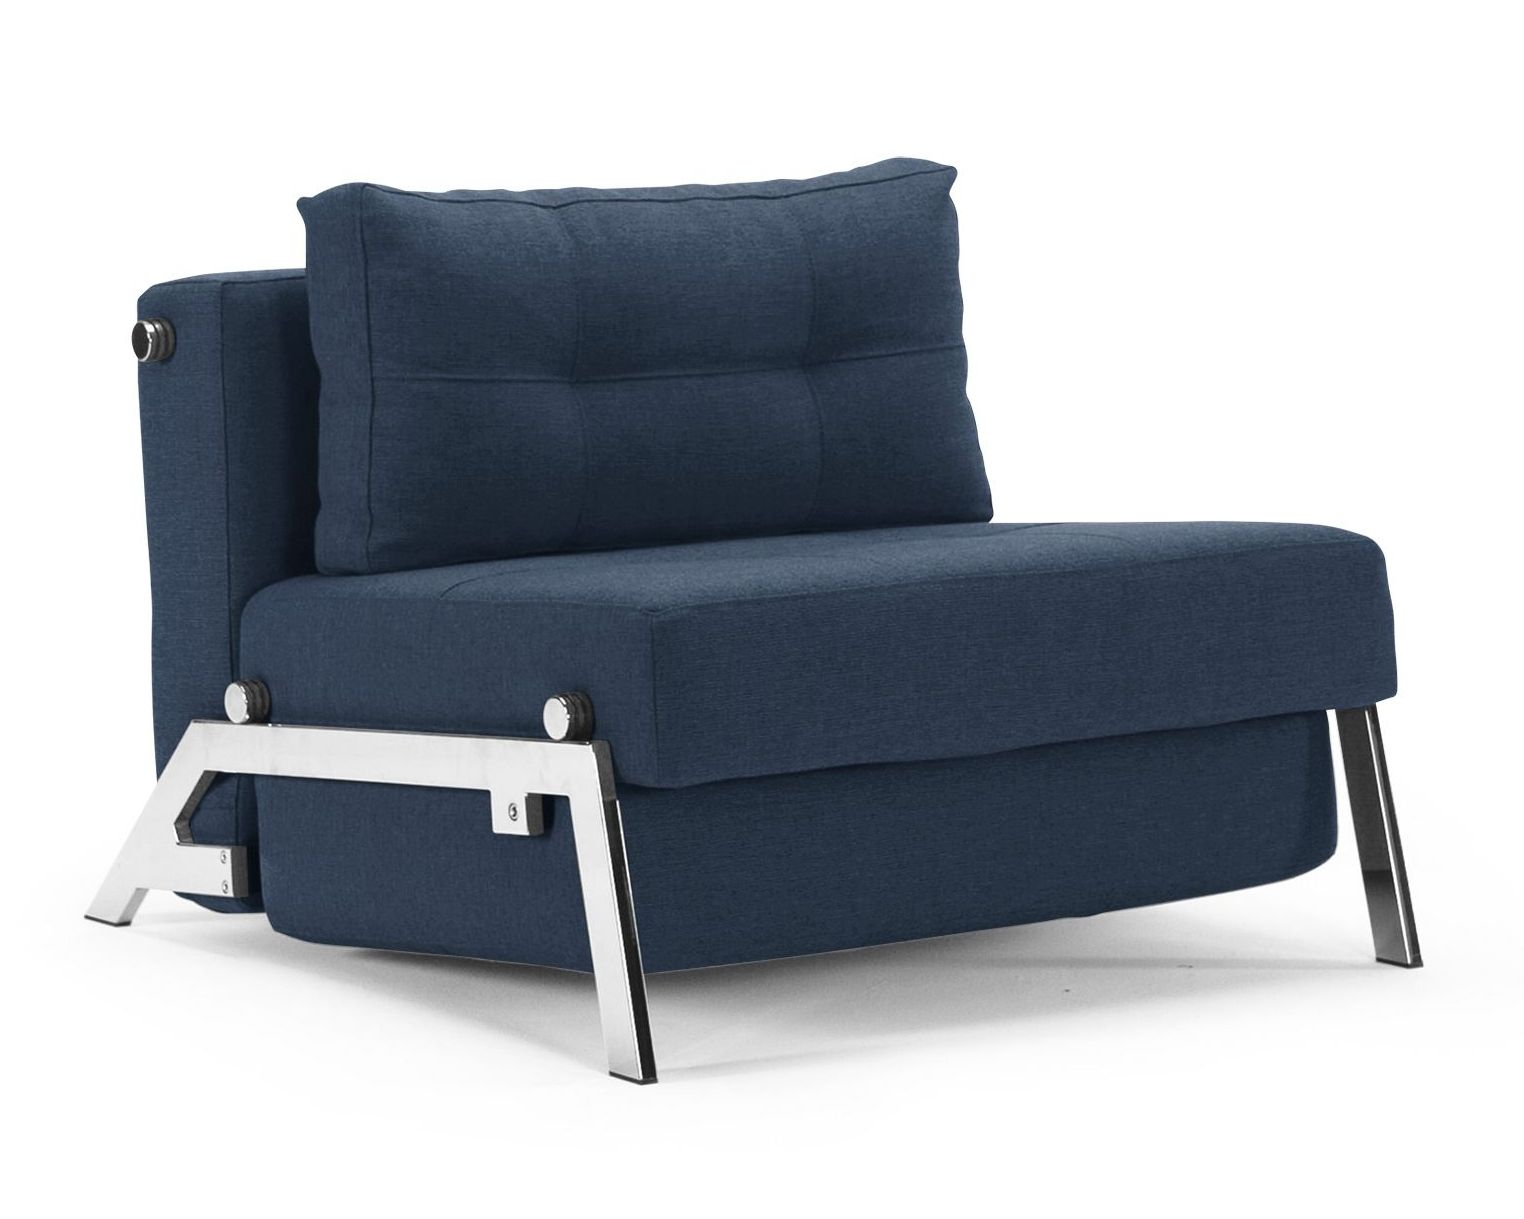 Schlafsofa in verschiedenen farben g nstig dowing for Couch 90x200